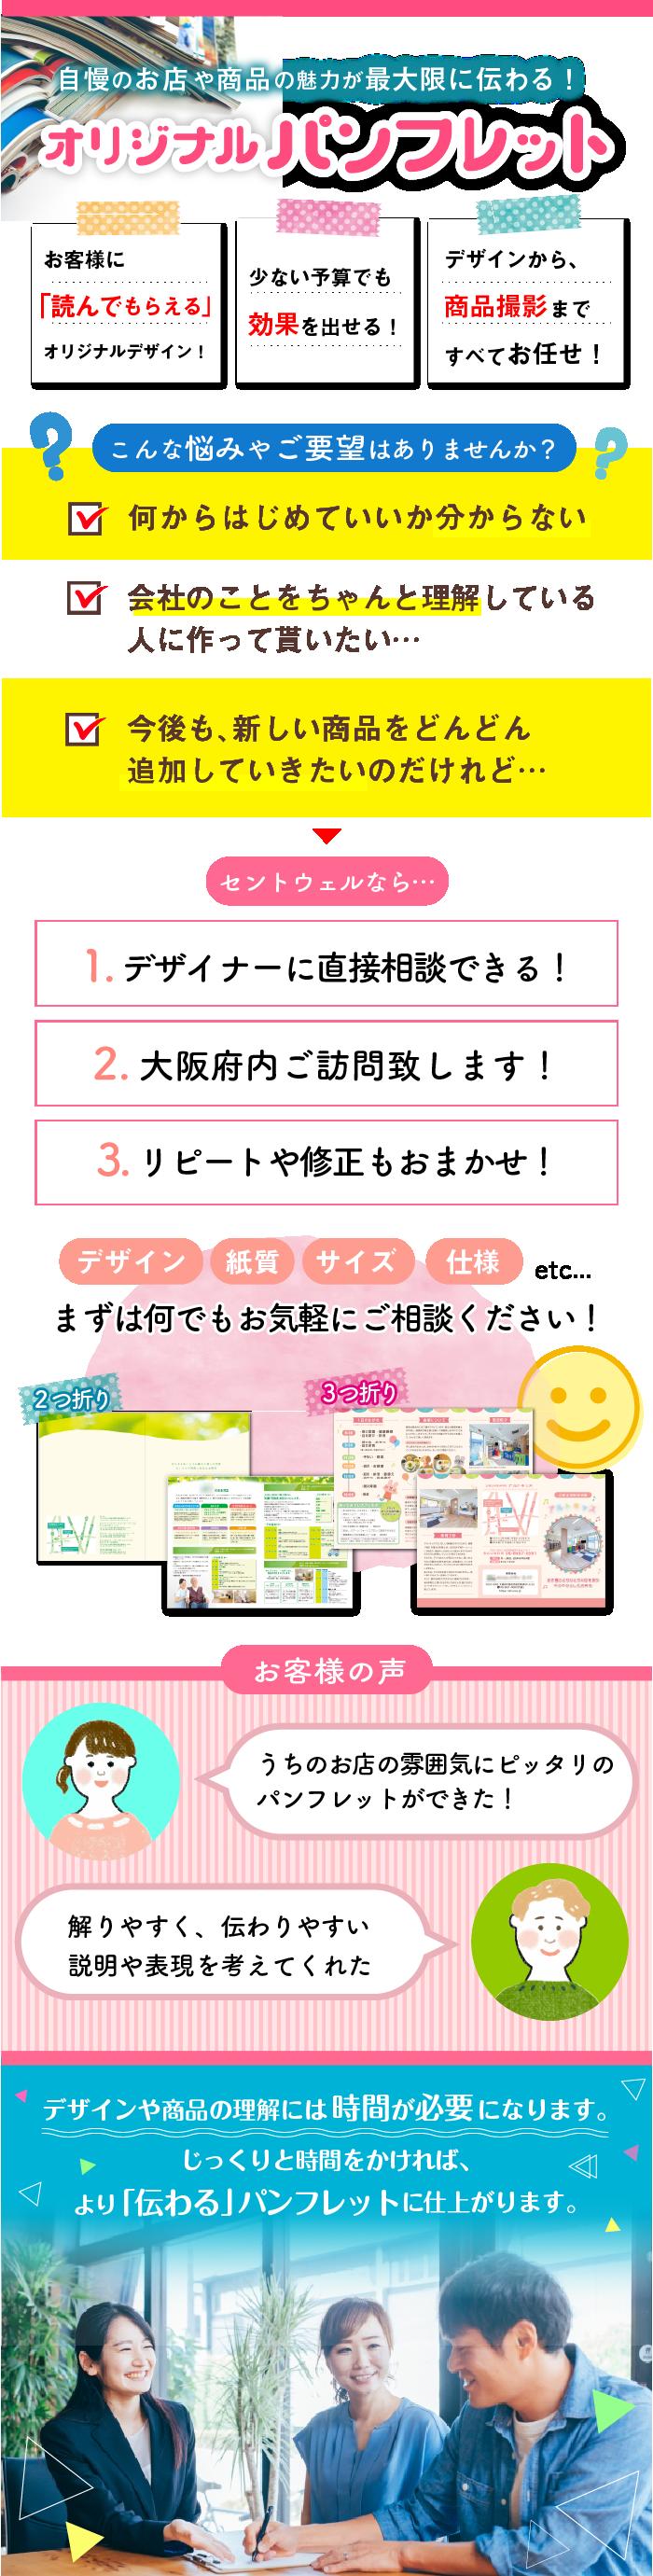 パンフレットの印刷 デザインならセントウェル印刷(大阪 北区)